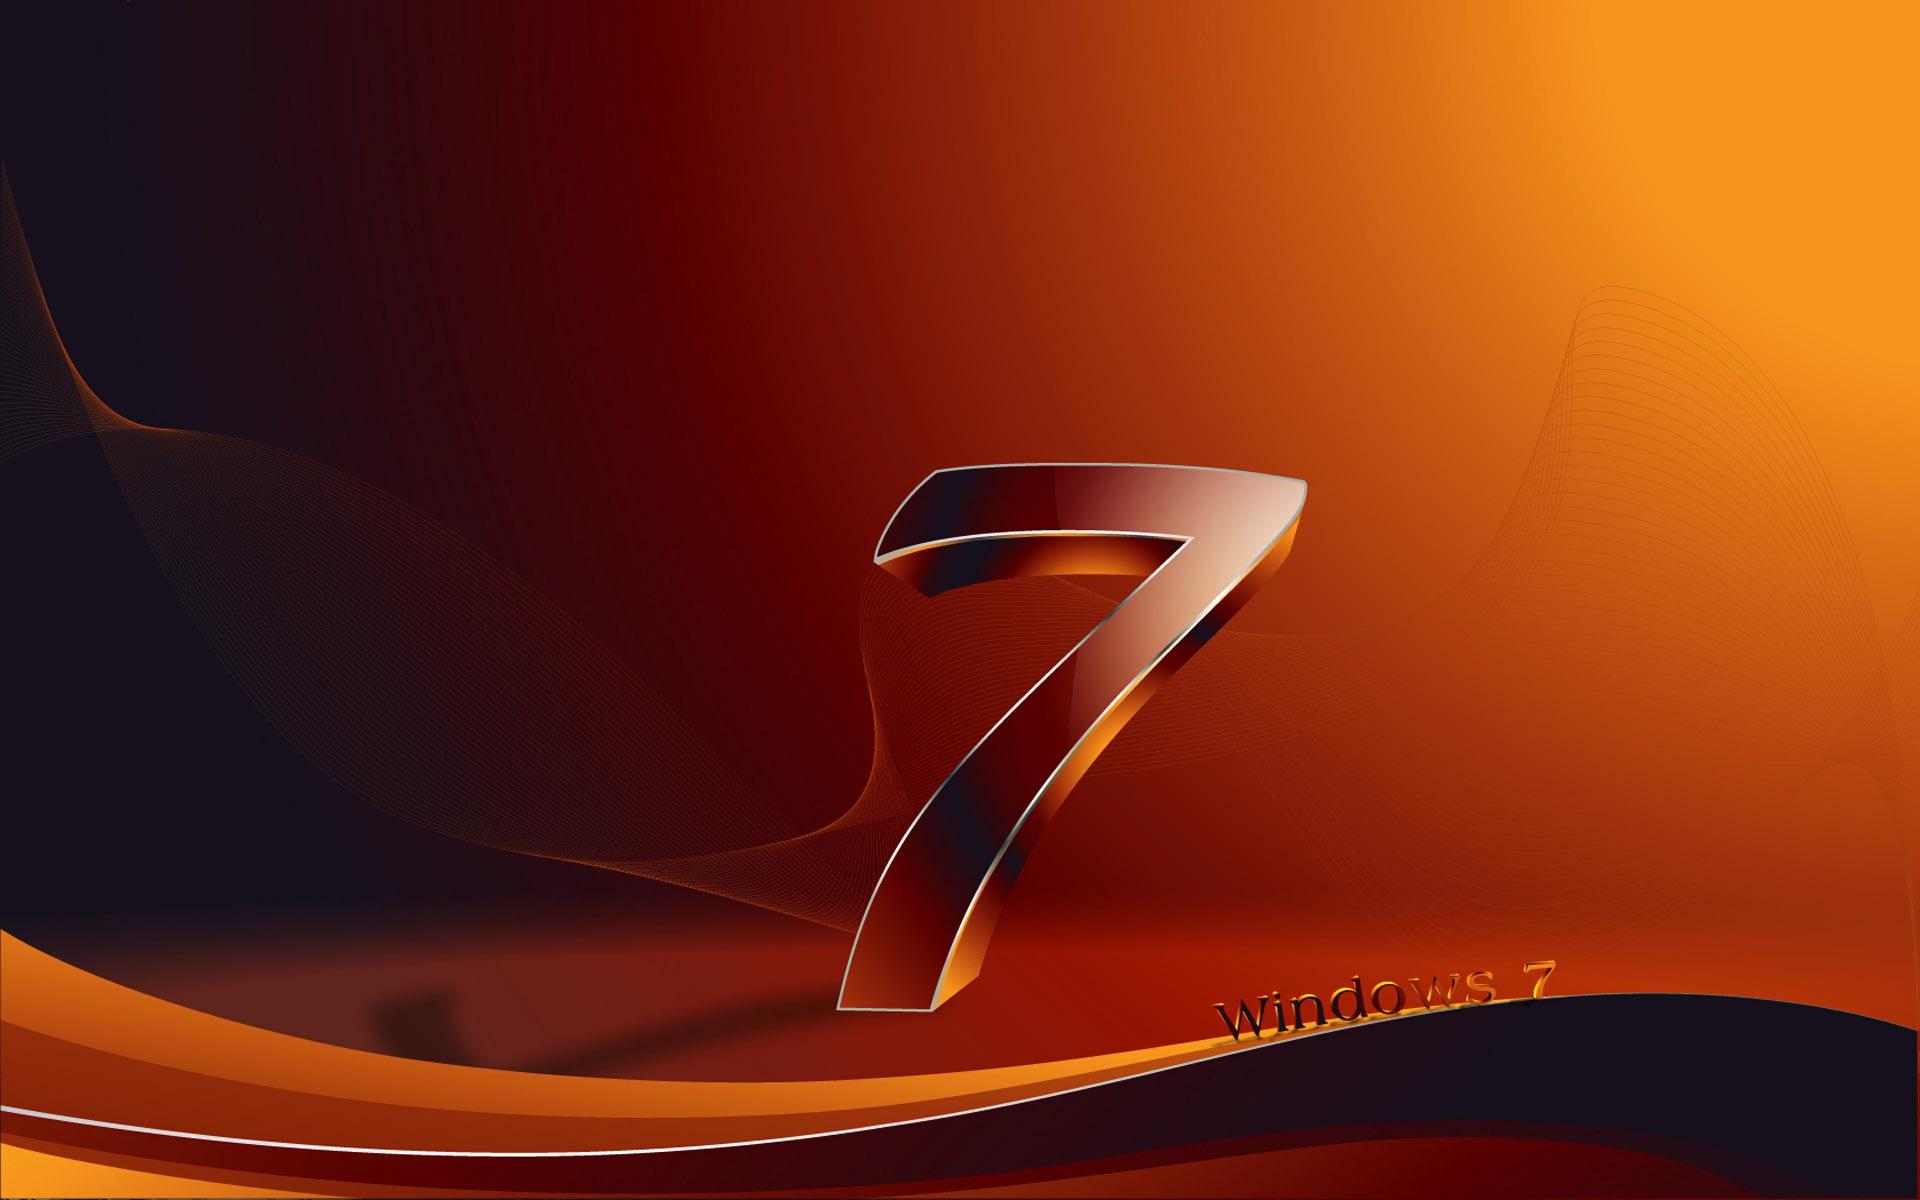 Windows 7 sfondo desktop